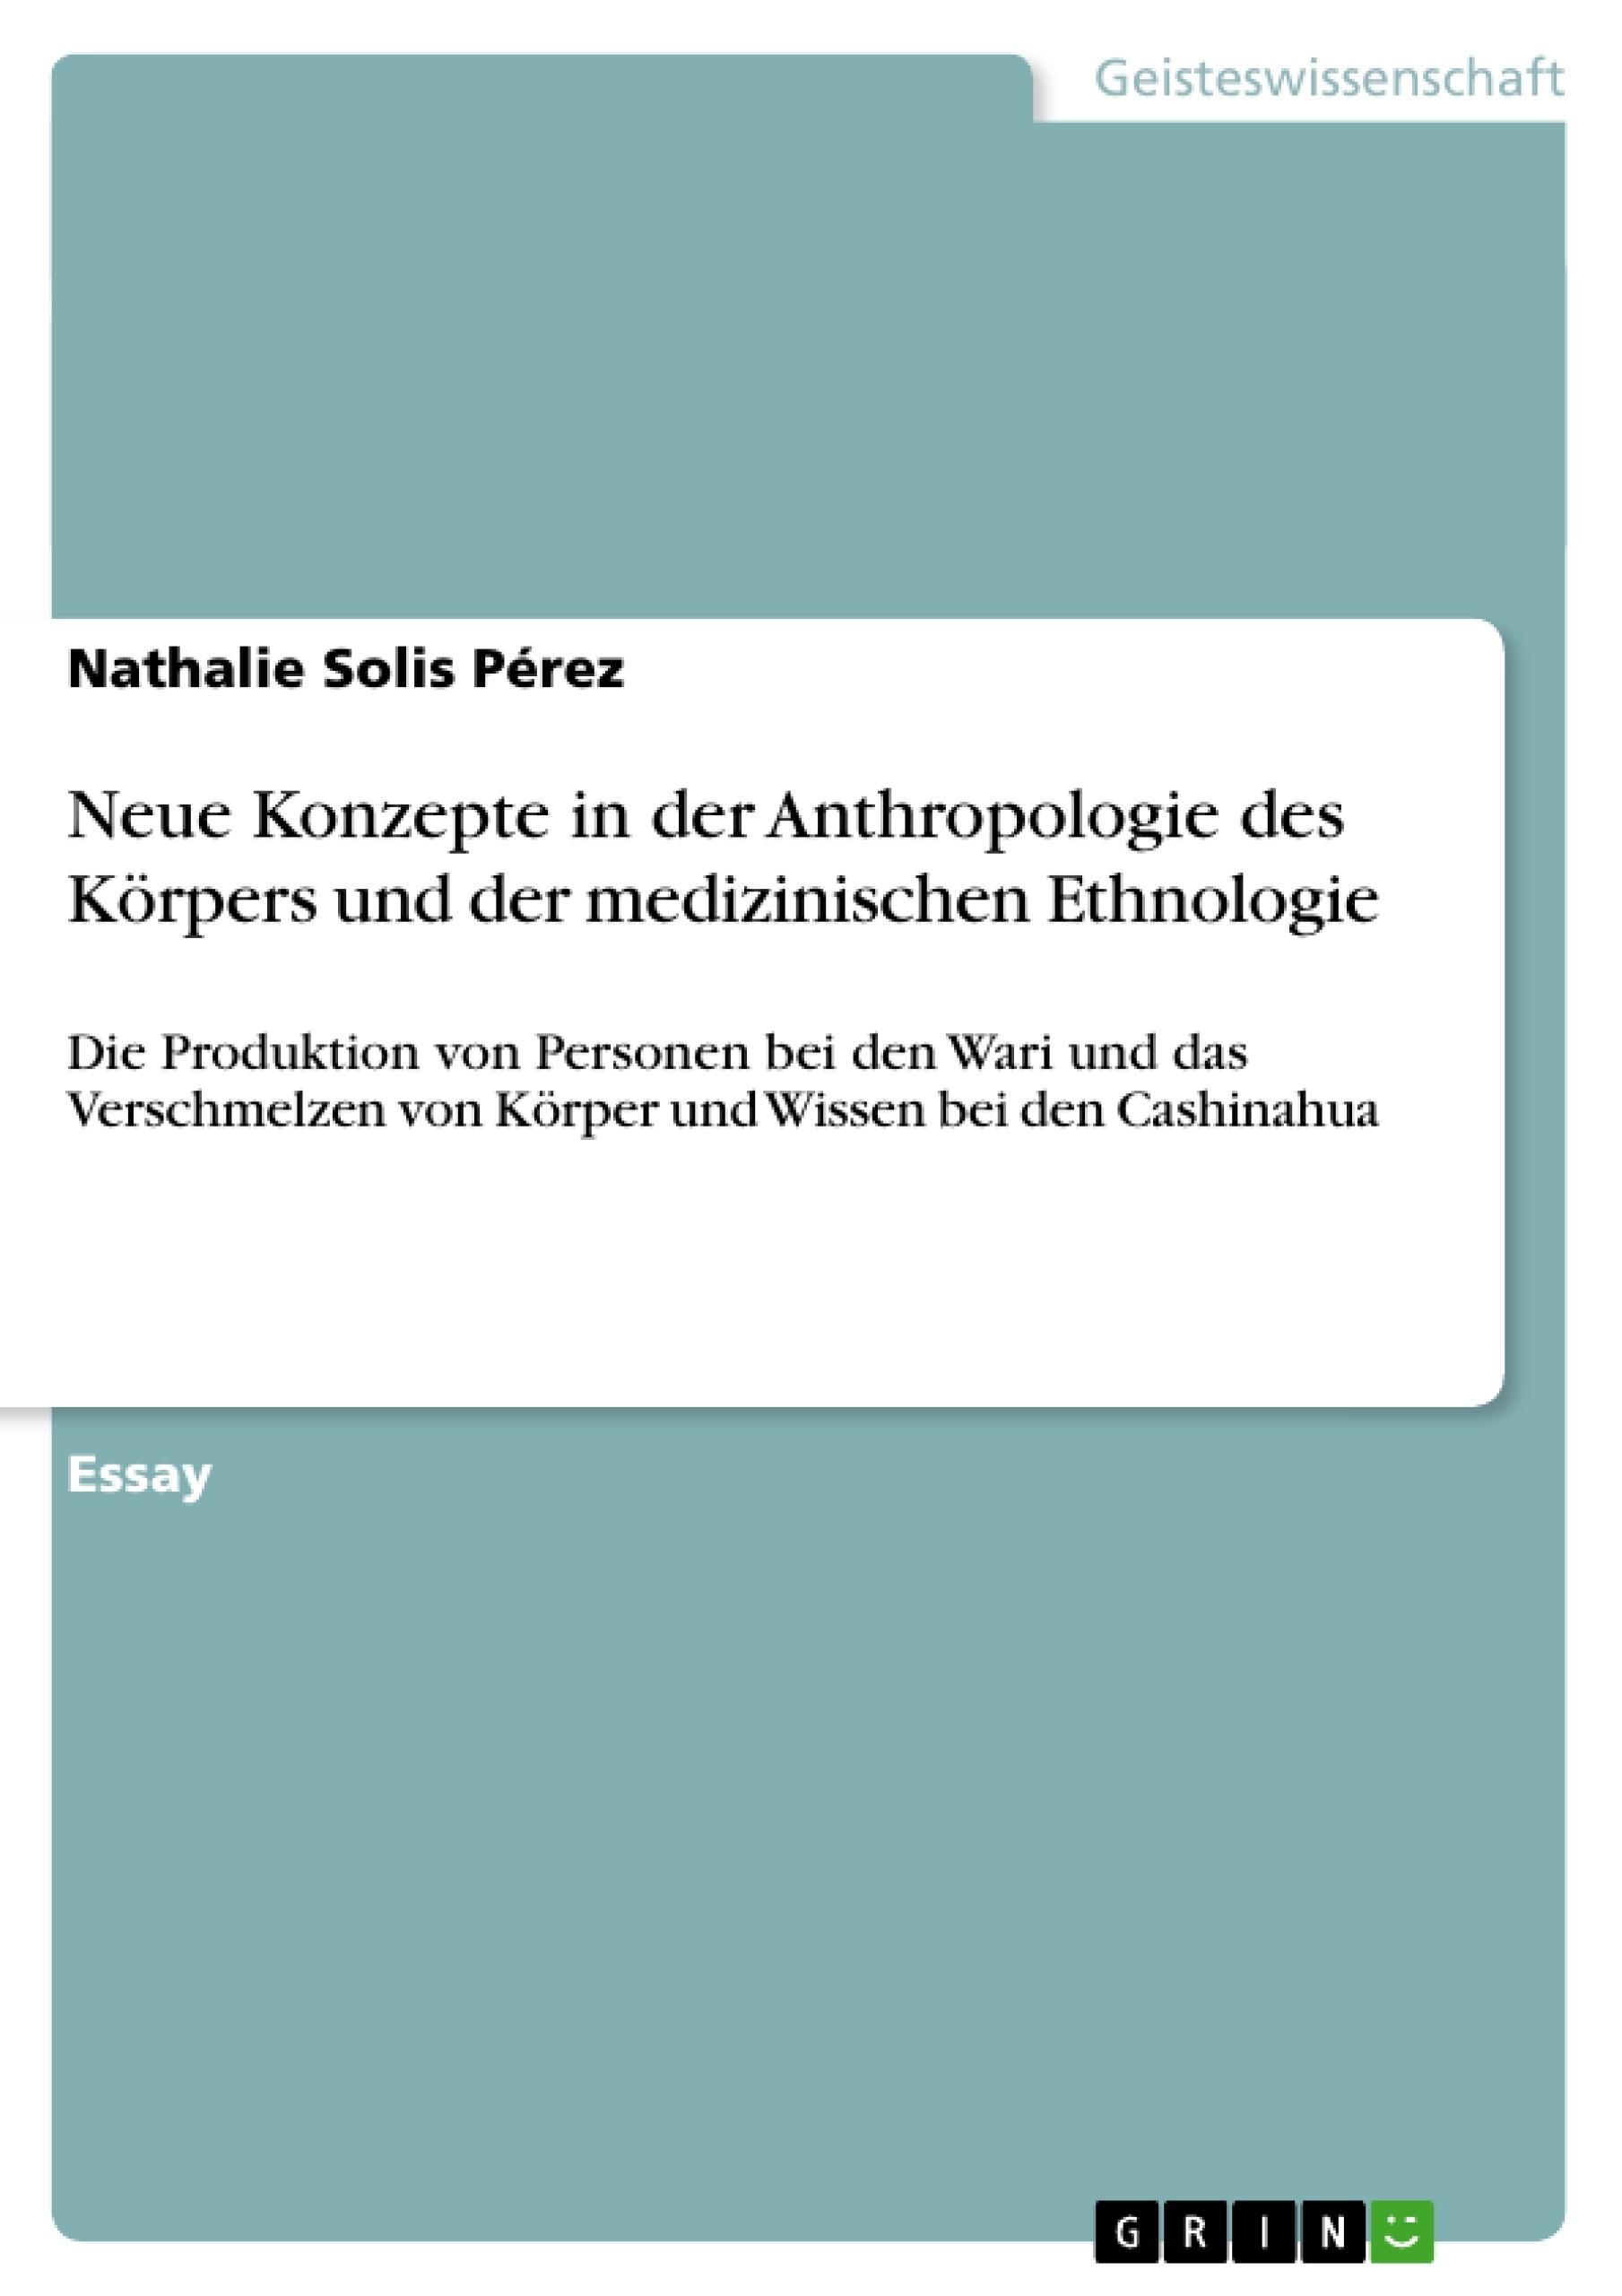 Titel: Neue Konzepte in der Anthropologie des Körpers und der medizinischen Ethnologie